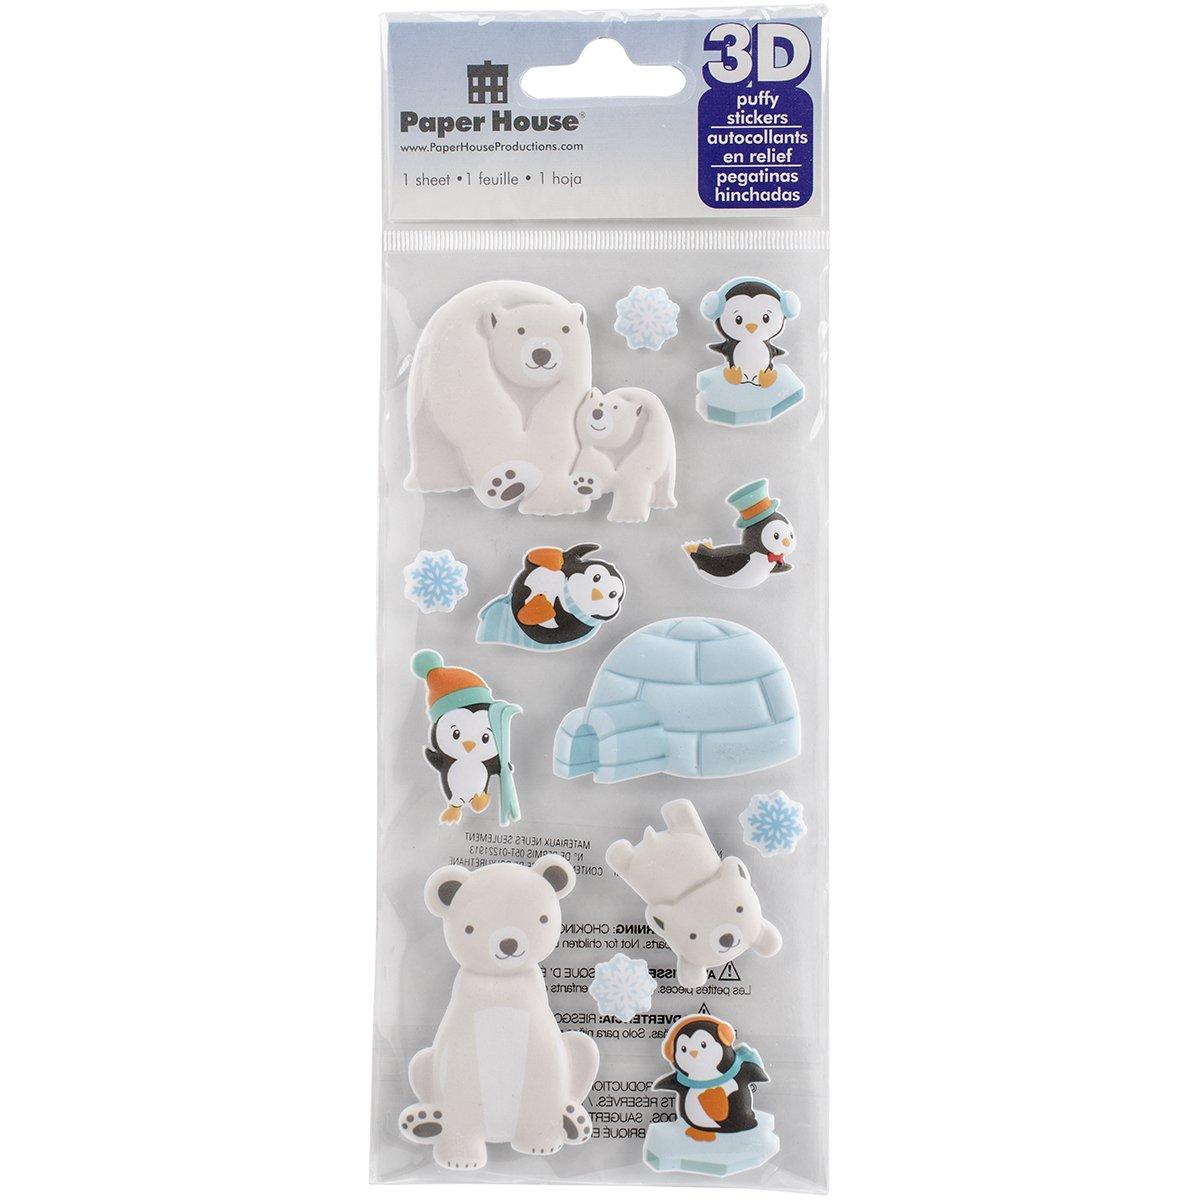 新品?正規品  Paper Puffy House B00U8FY24C Productions STP-0029E Polar Animals Puffy STP-0029E Stickers (3-Pack) by Paper House Productions B00U8FY24C, 【最安値挑戦!】:6bc90232 --- mvd.ee